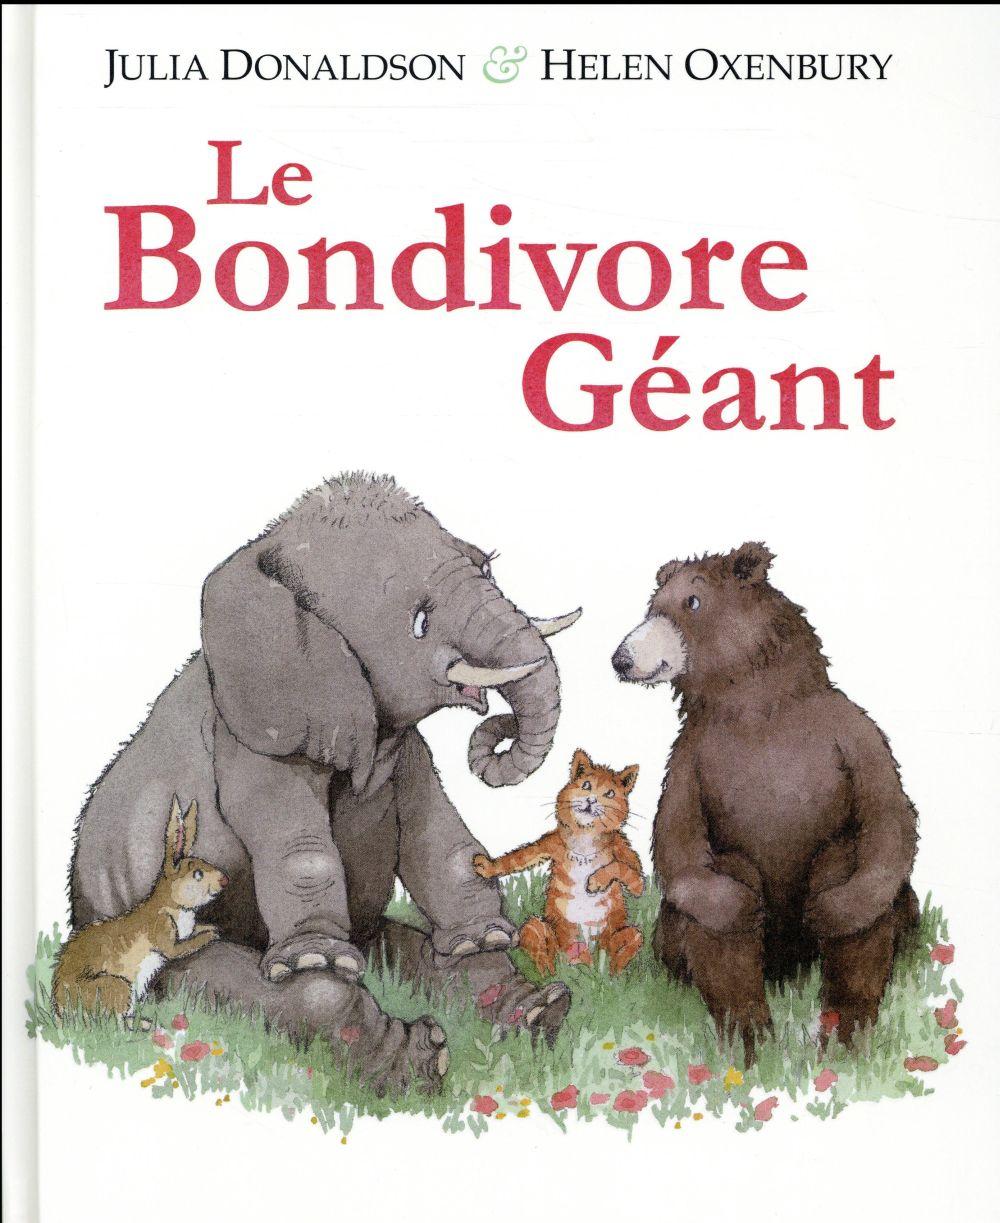 LE BONDIVORE GEANT